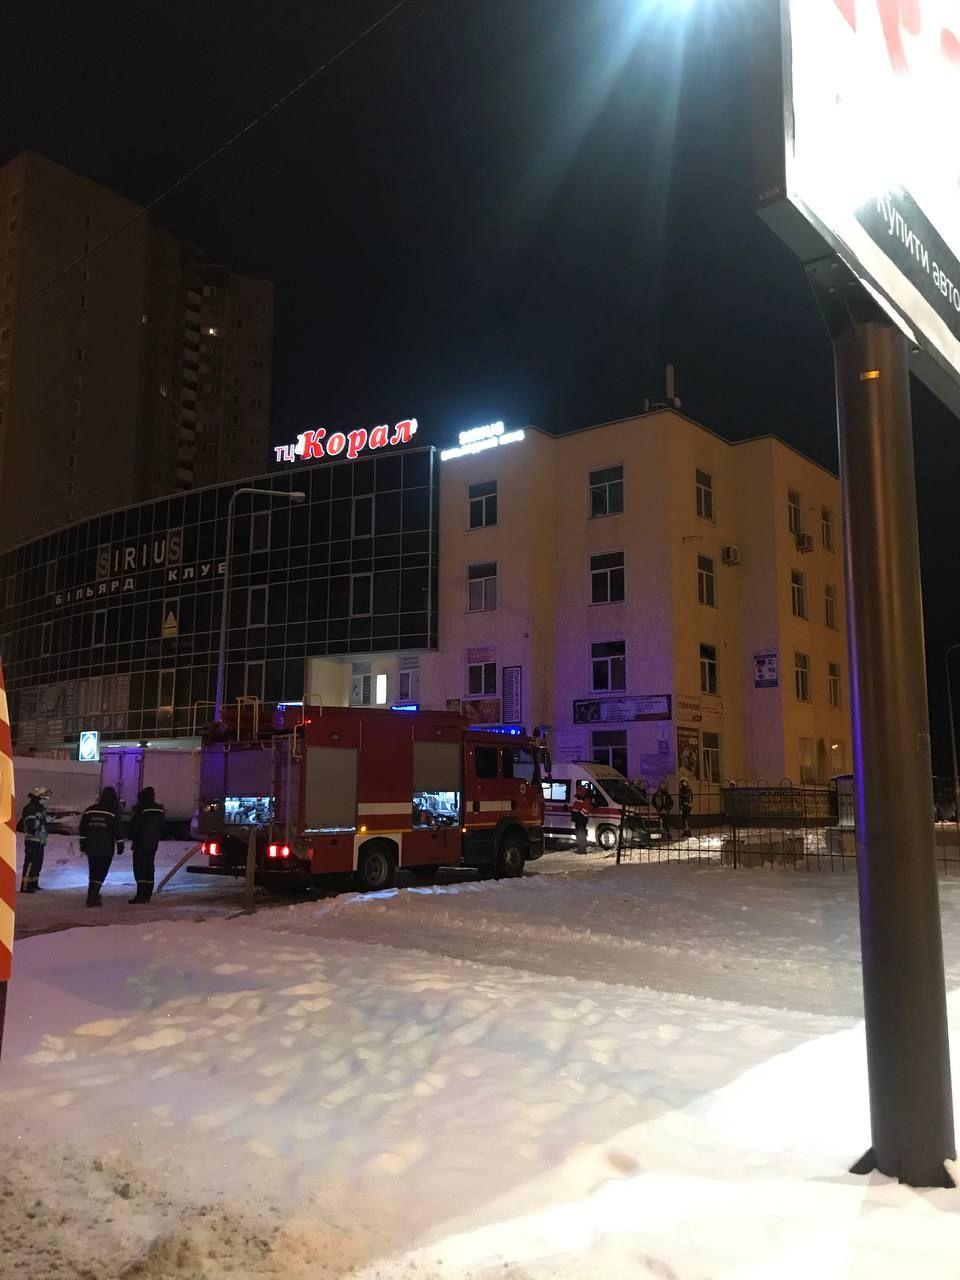 Київ минулої доби: крадіжки, пожежі та ДТП - Торговий центр, крадіжки, загиблі - index1